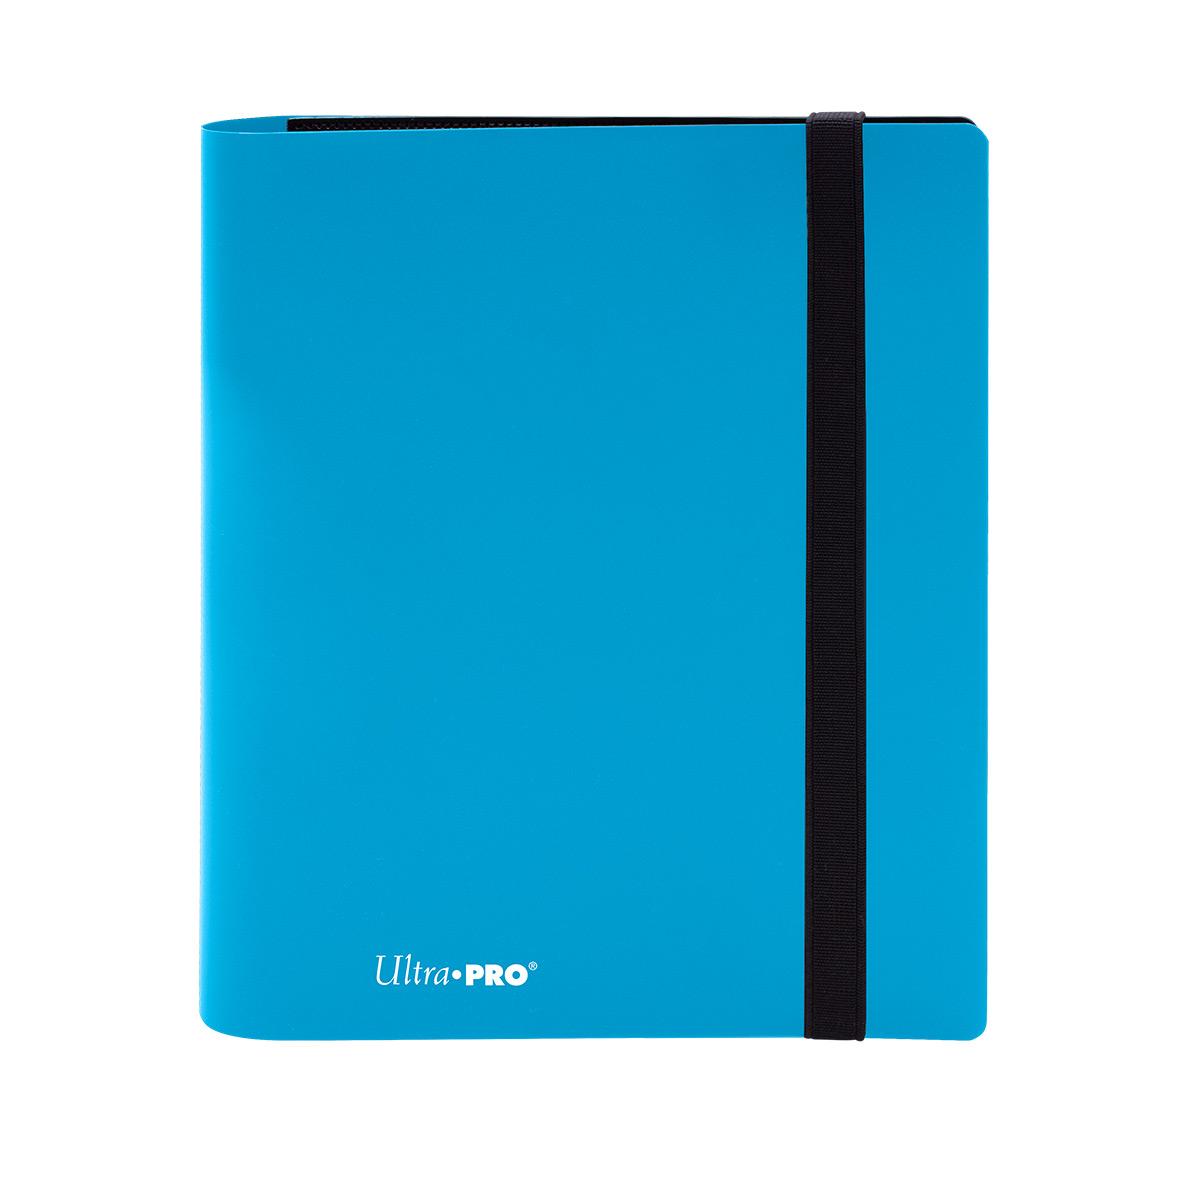 4-Pocket Eclipse Sky Blue PRO-Binder, Ultra PRO